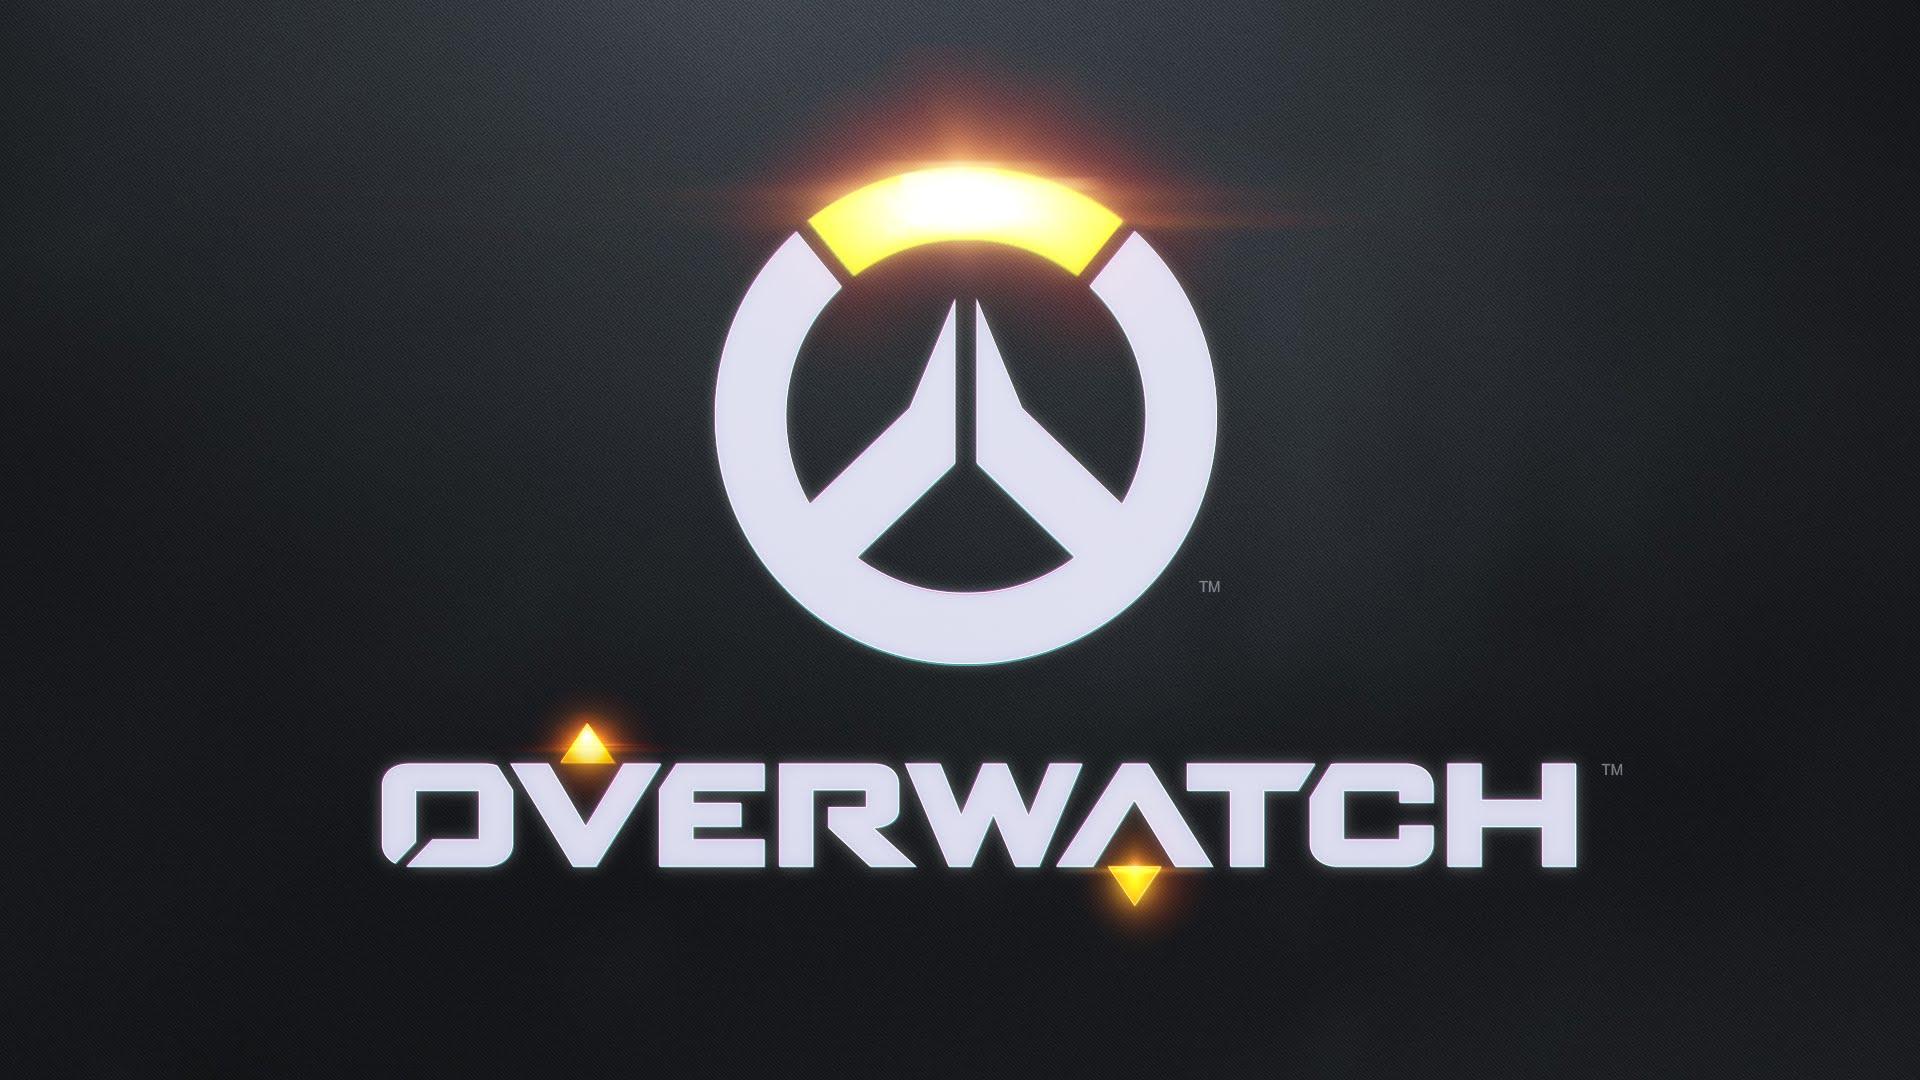 Blizzard kaster seg inn i kampen om å gjøre online spill fritt for juks.